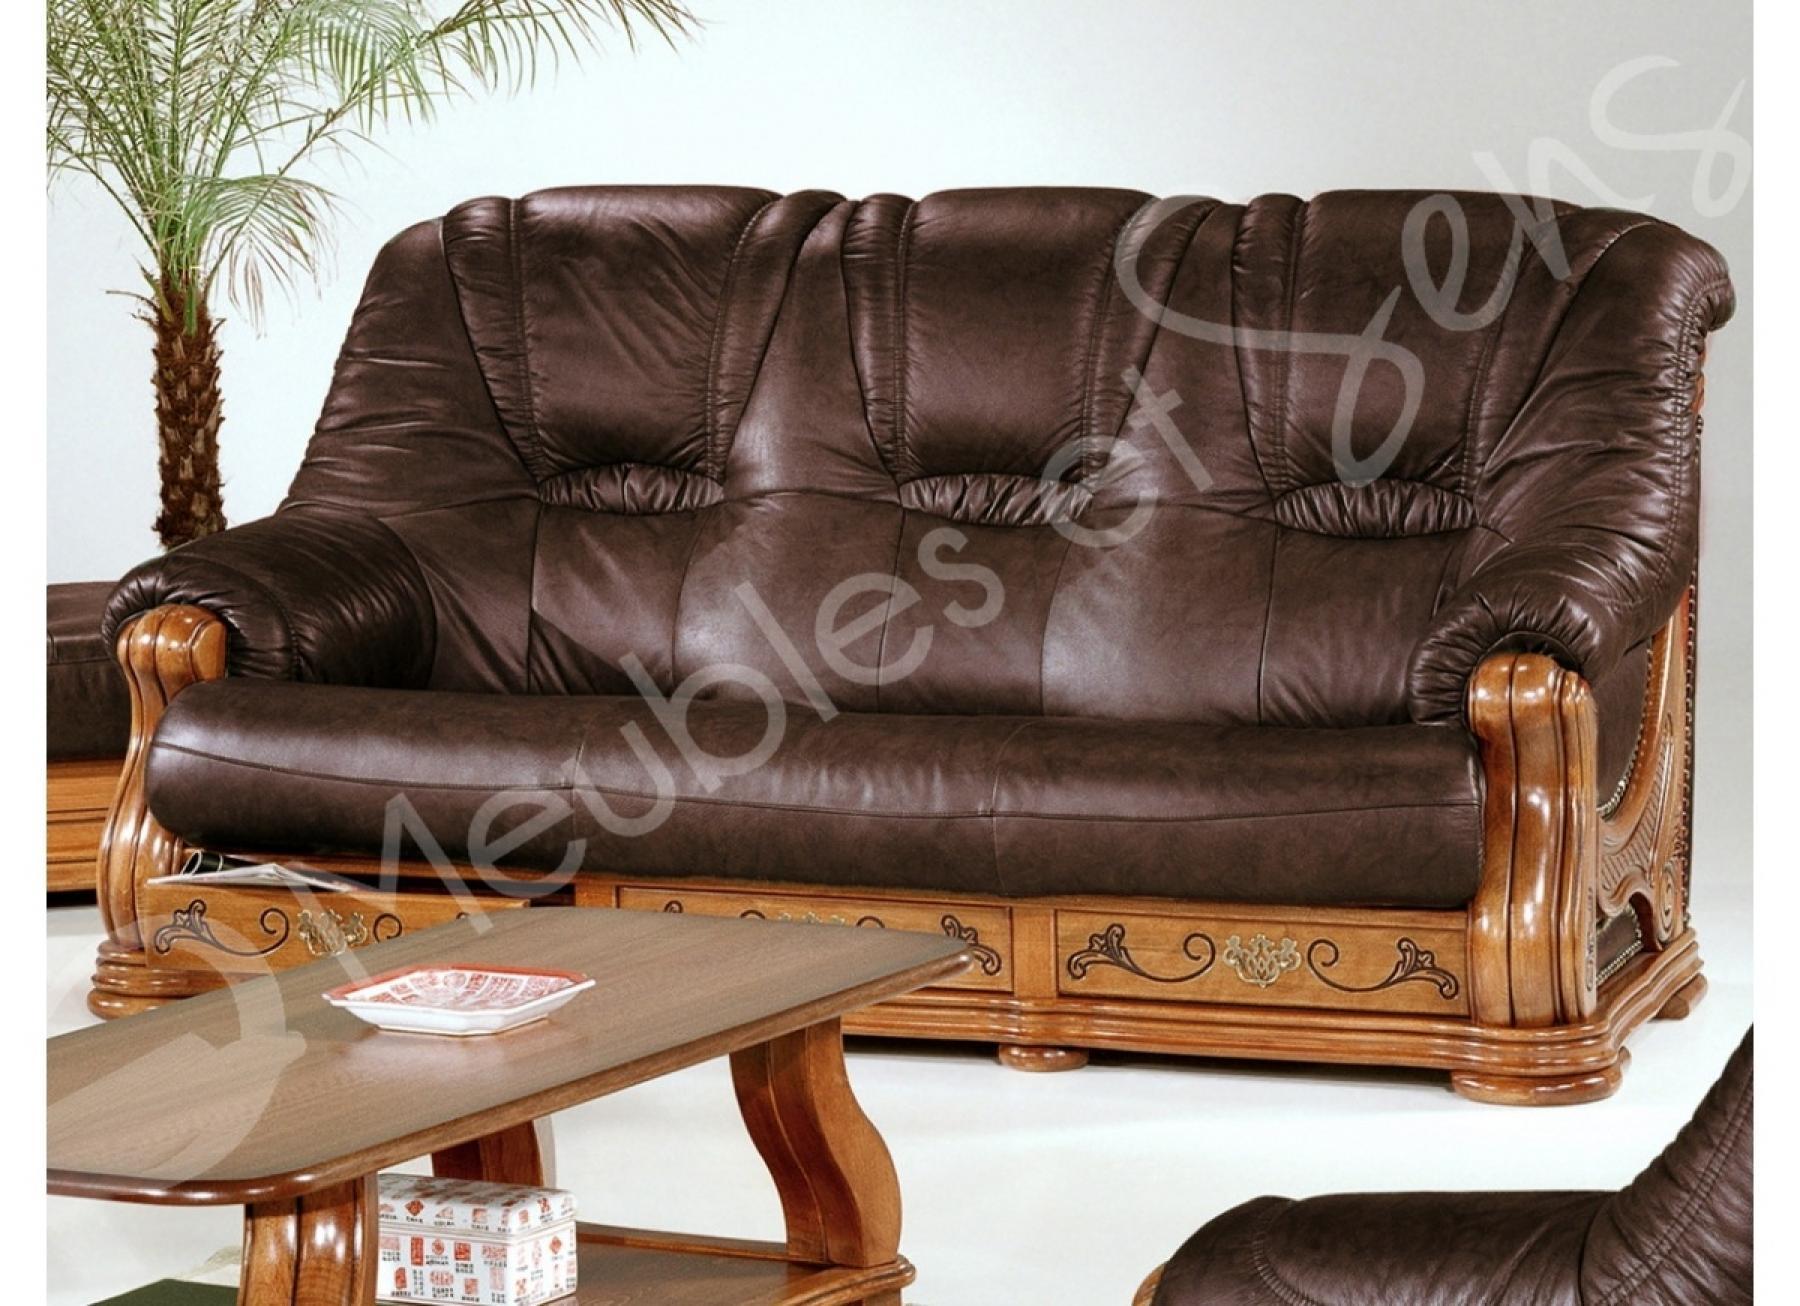 Photos canap bois massif - Salon cuir et bois ...